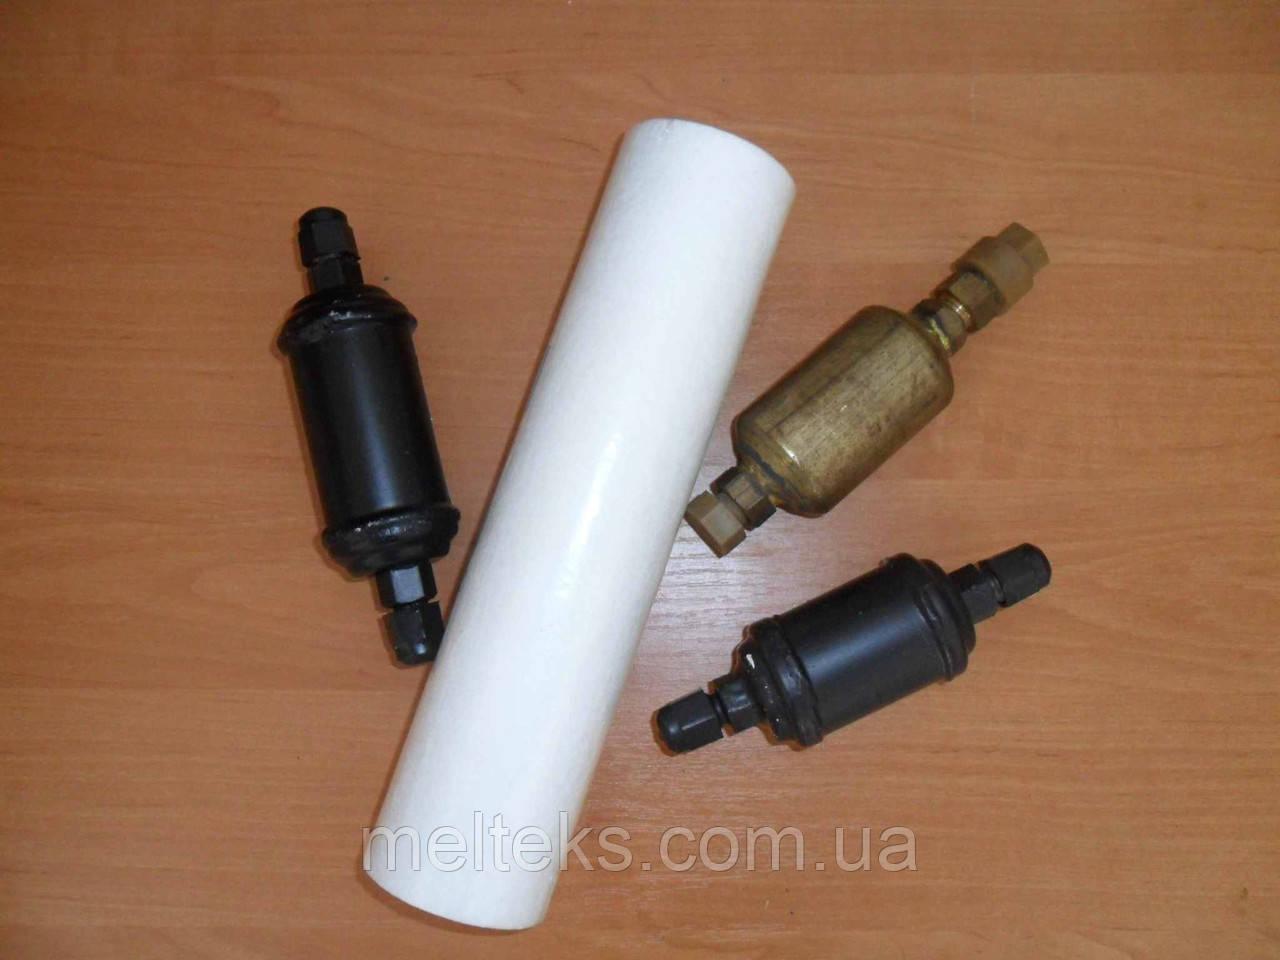 Фильтры для автоматов газводы